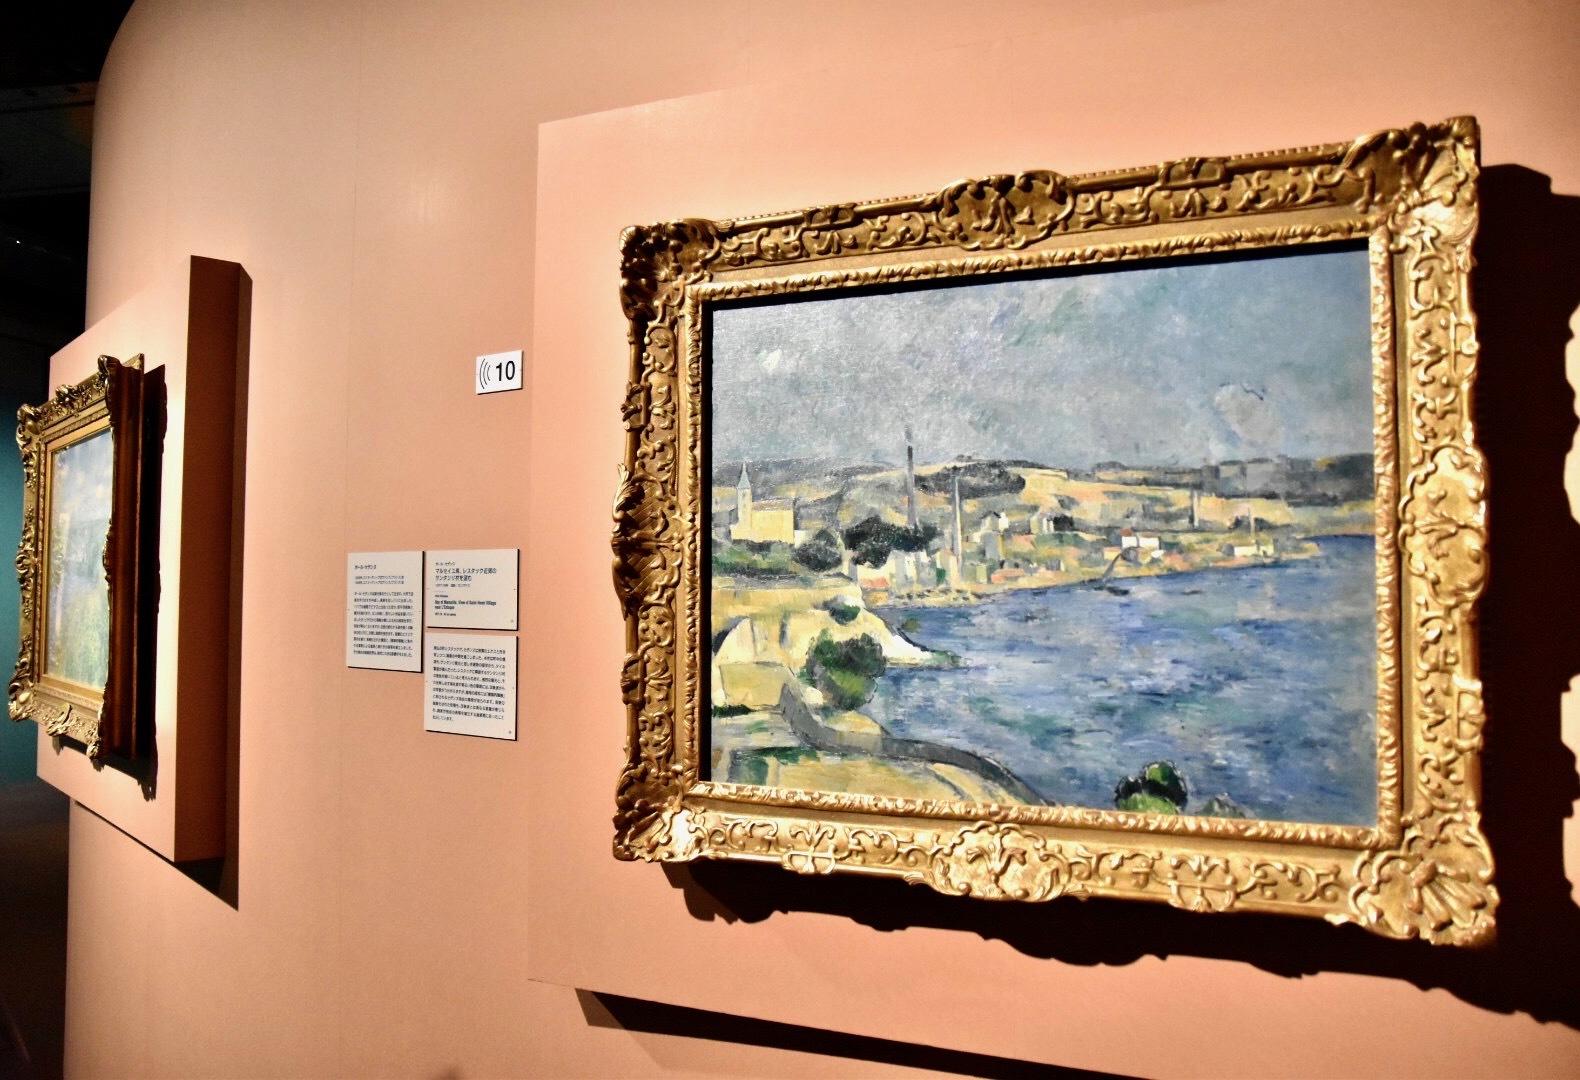 ポール・セザンヌ 《マルセイユ湾、レスタック近郊のサンタンリ村を望む》 1877-79年 吉野石膏コレクション